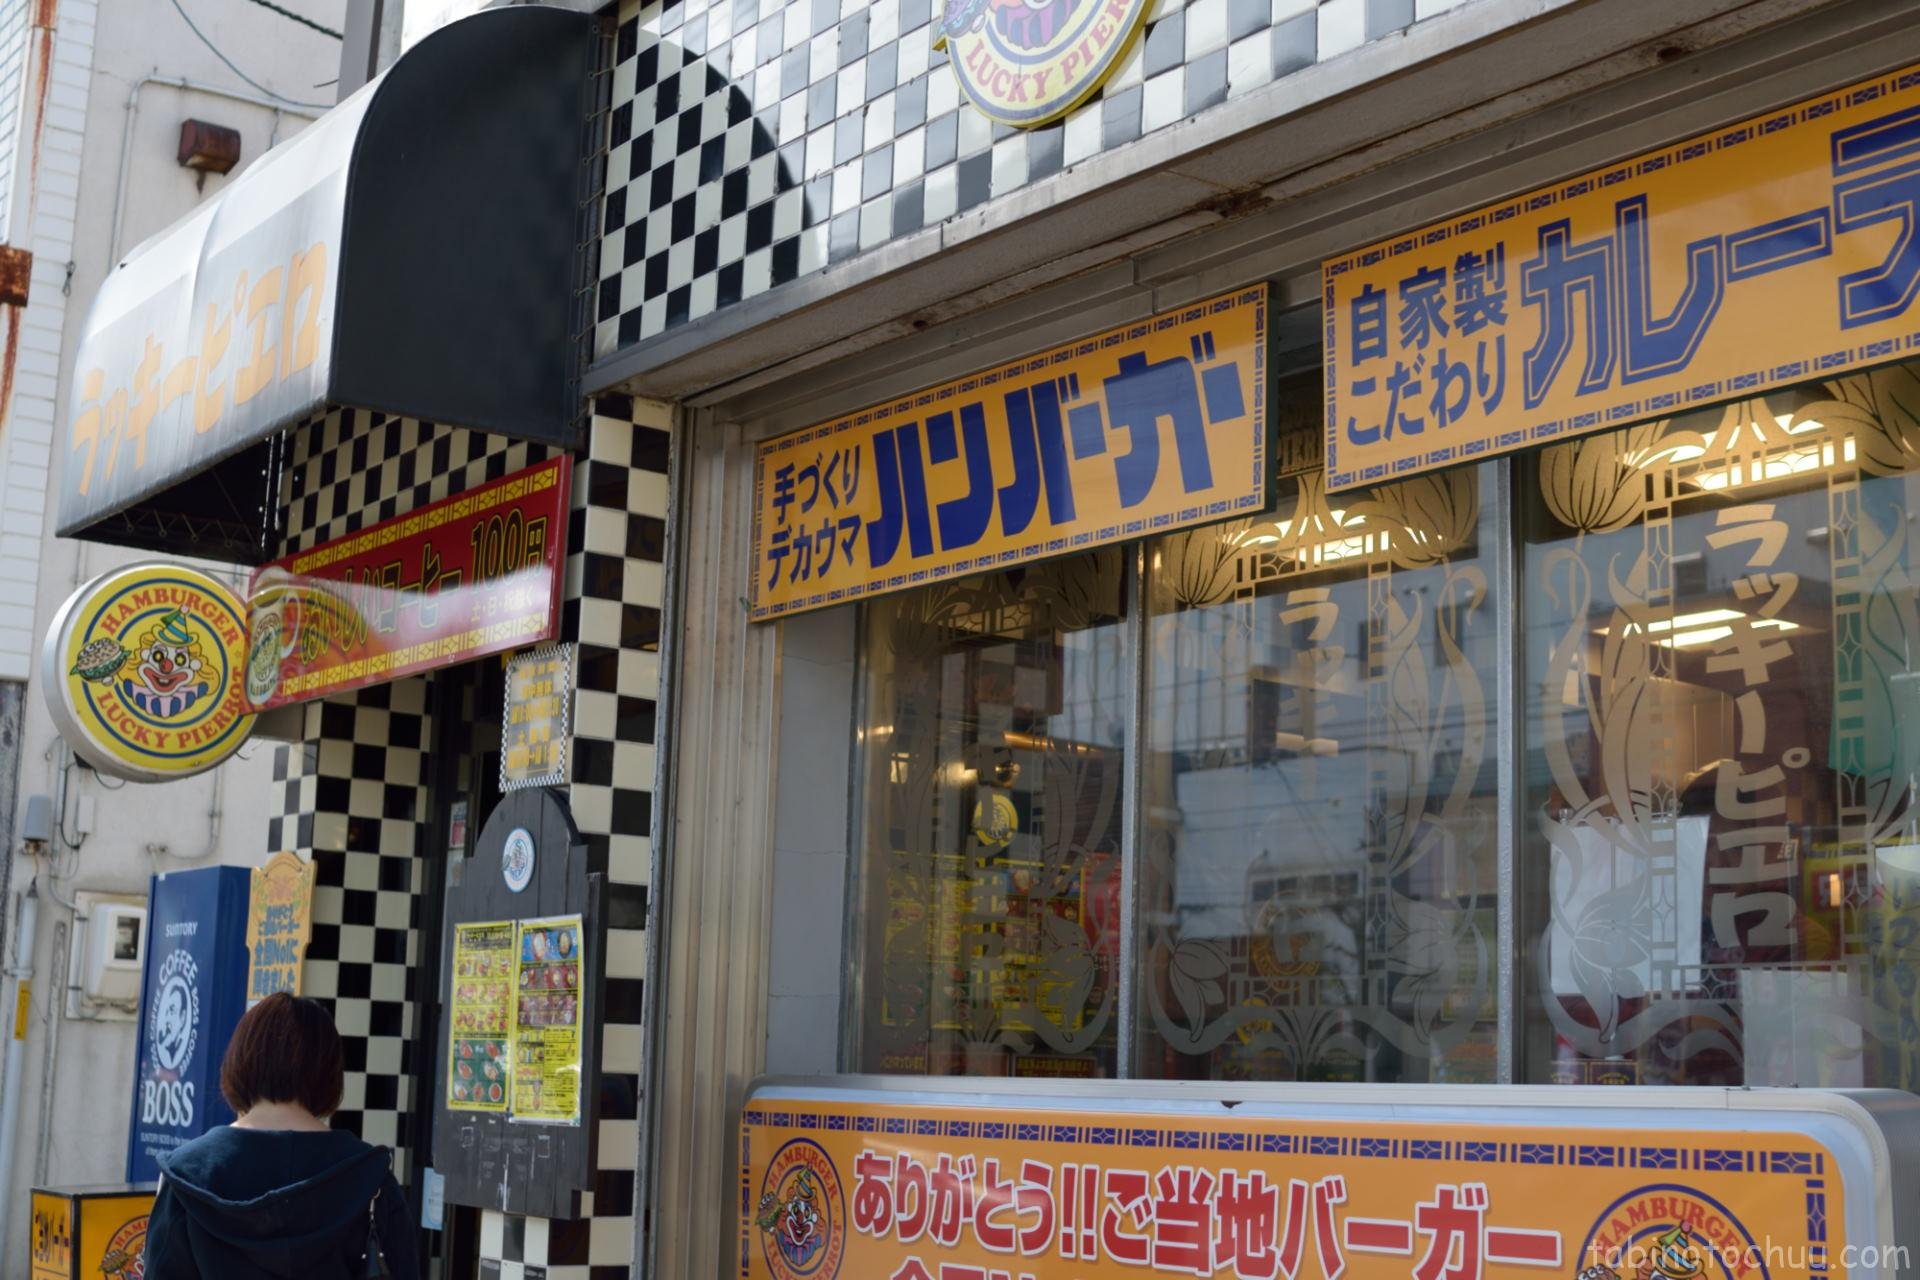 ラッキピエロ 本町店